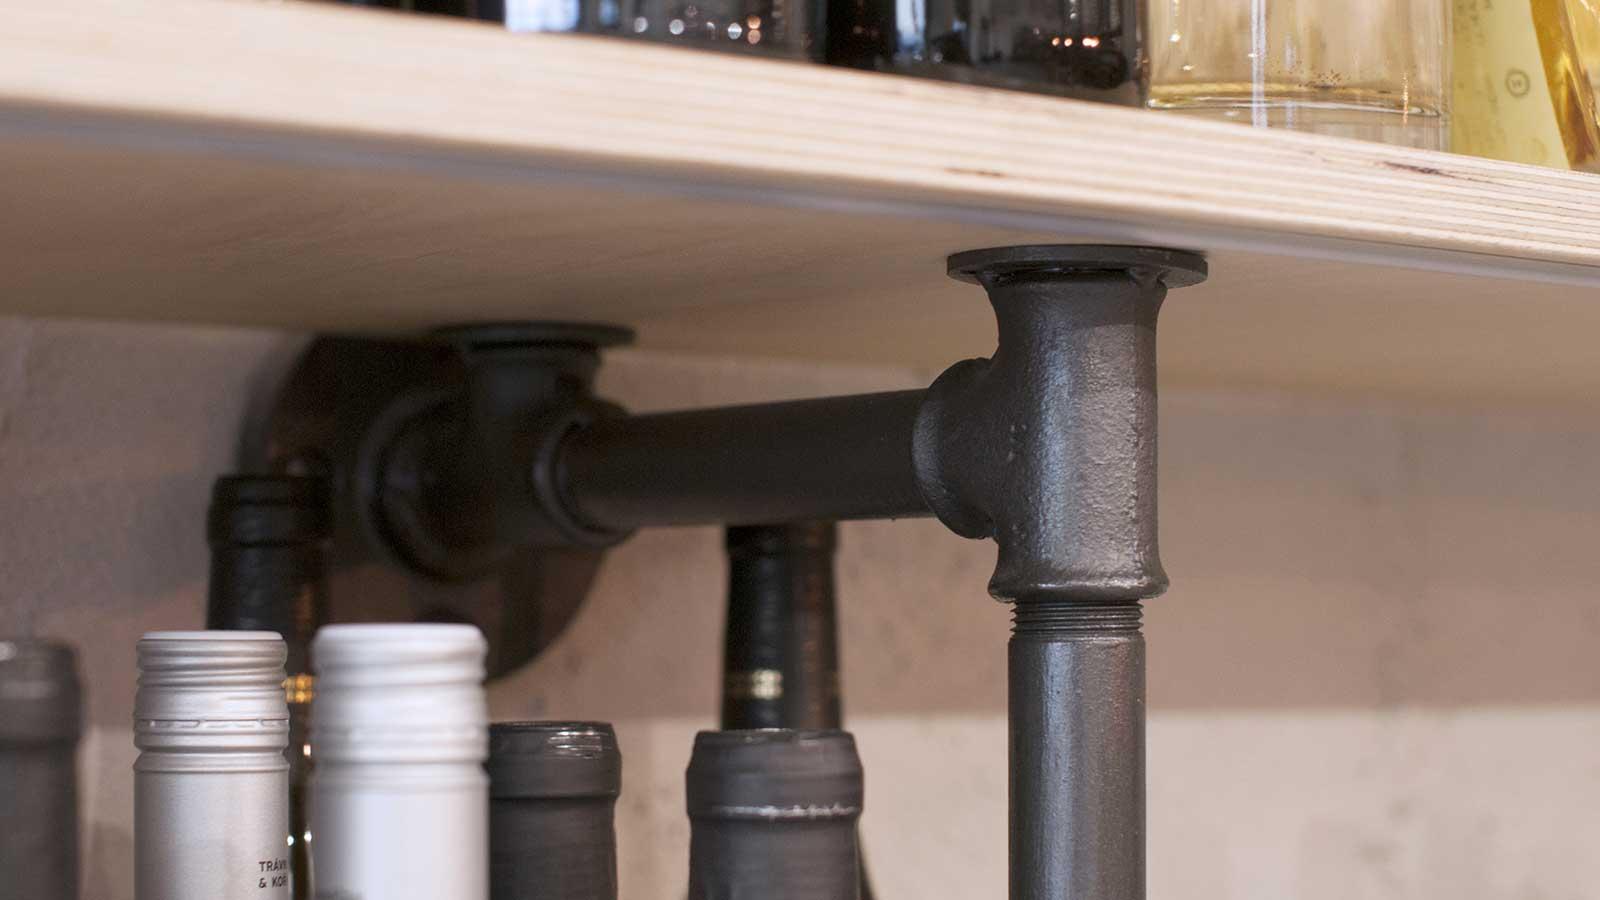 Prodejna Alkohol.cz - detailní pohled policový systém výstavních regalů, jehož kostru tvoří kovové potrubí. Autor: Kurz architekti